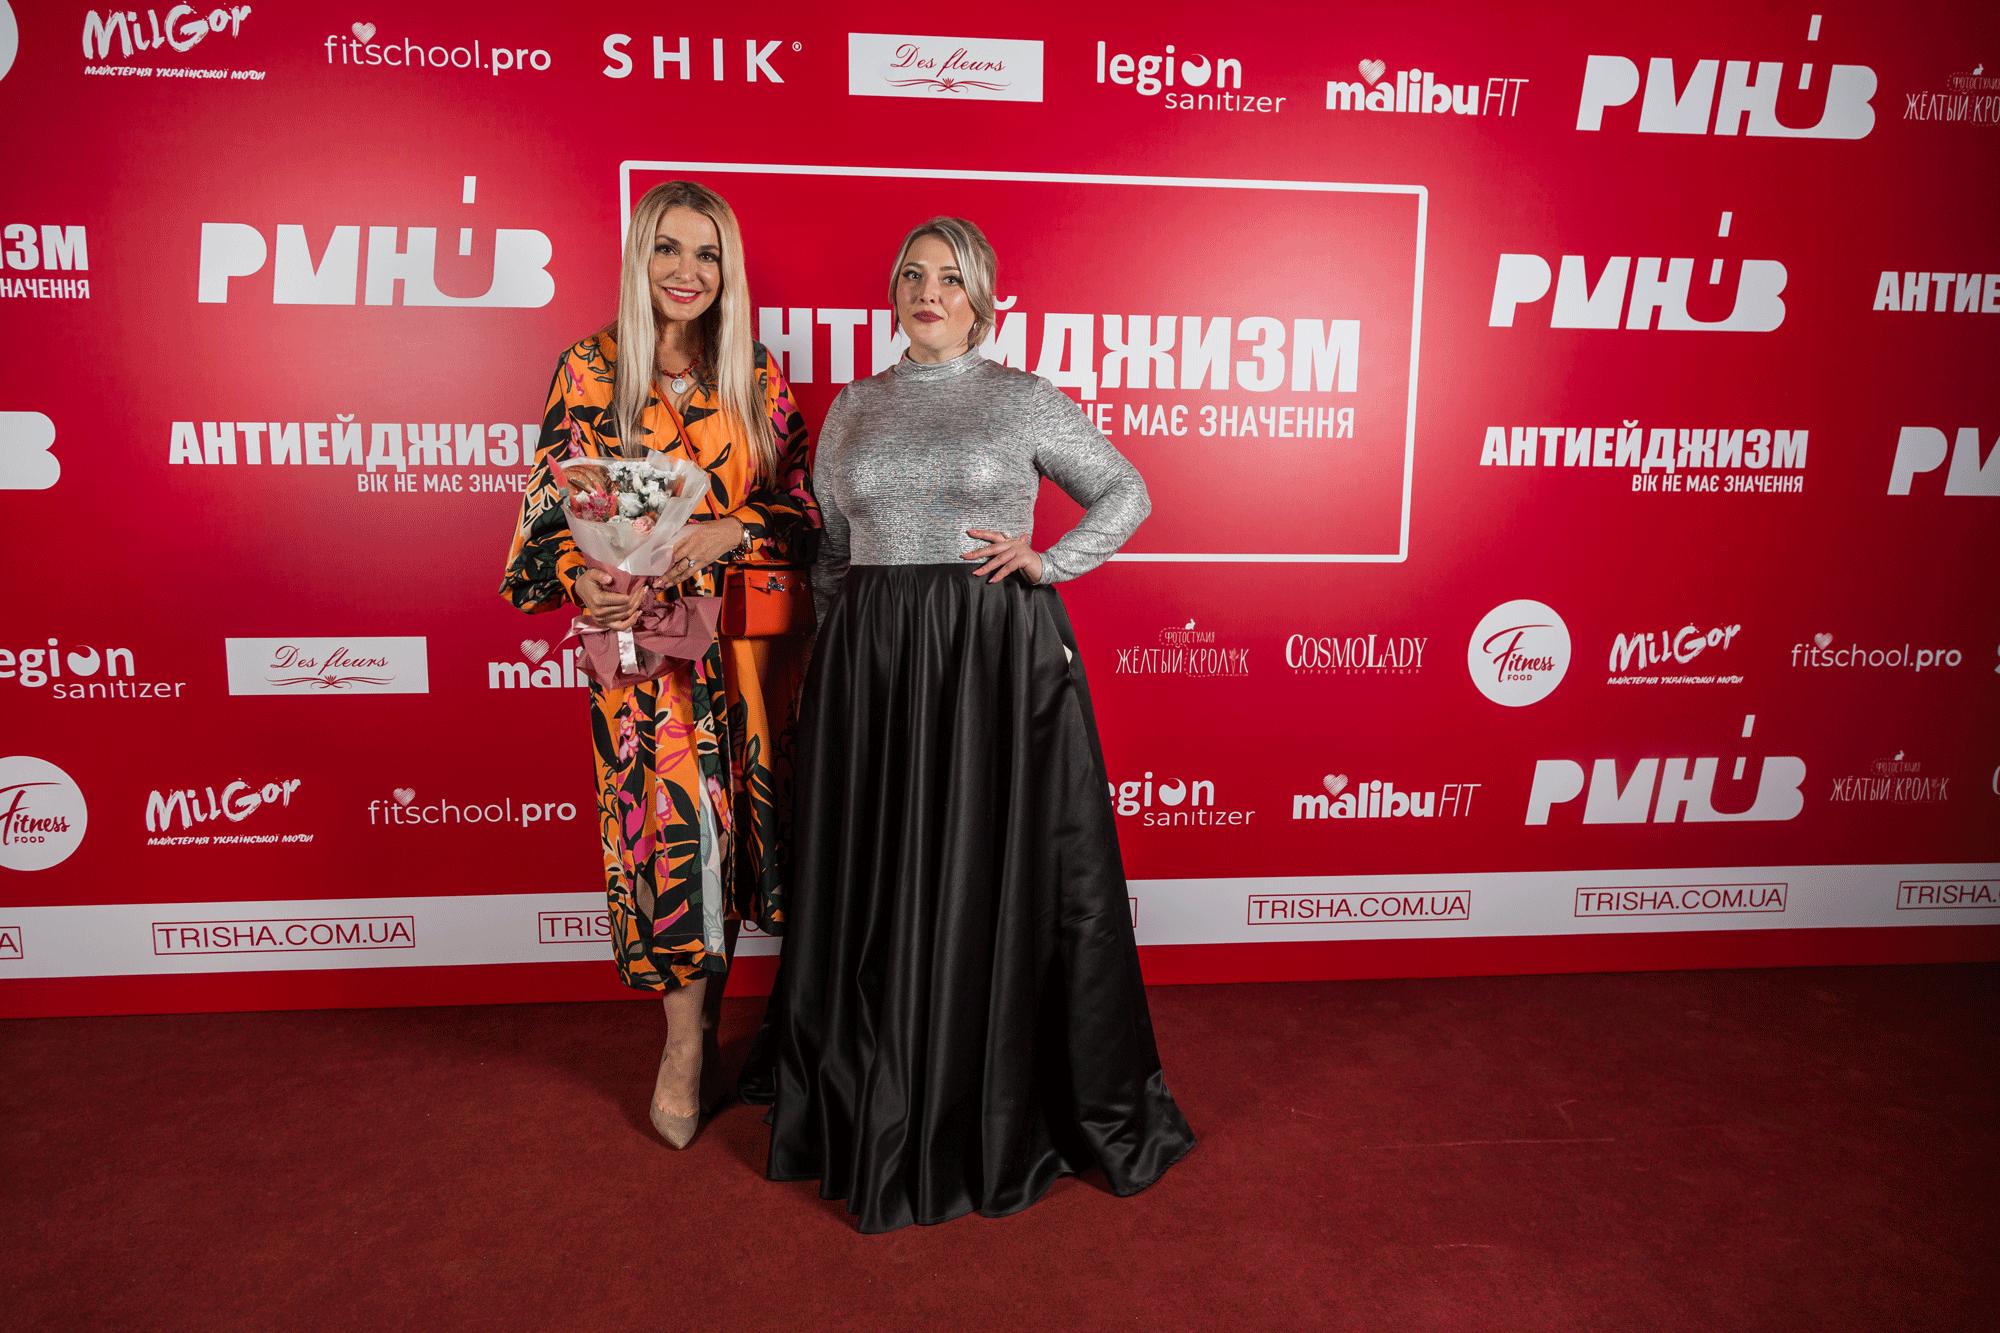 Ольга-Сумская-и-Trisha